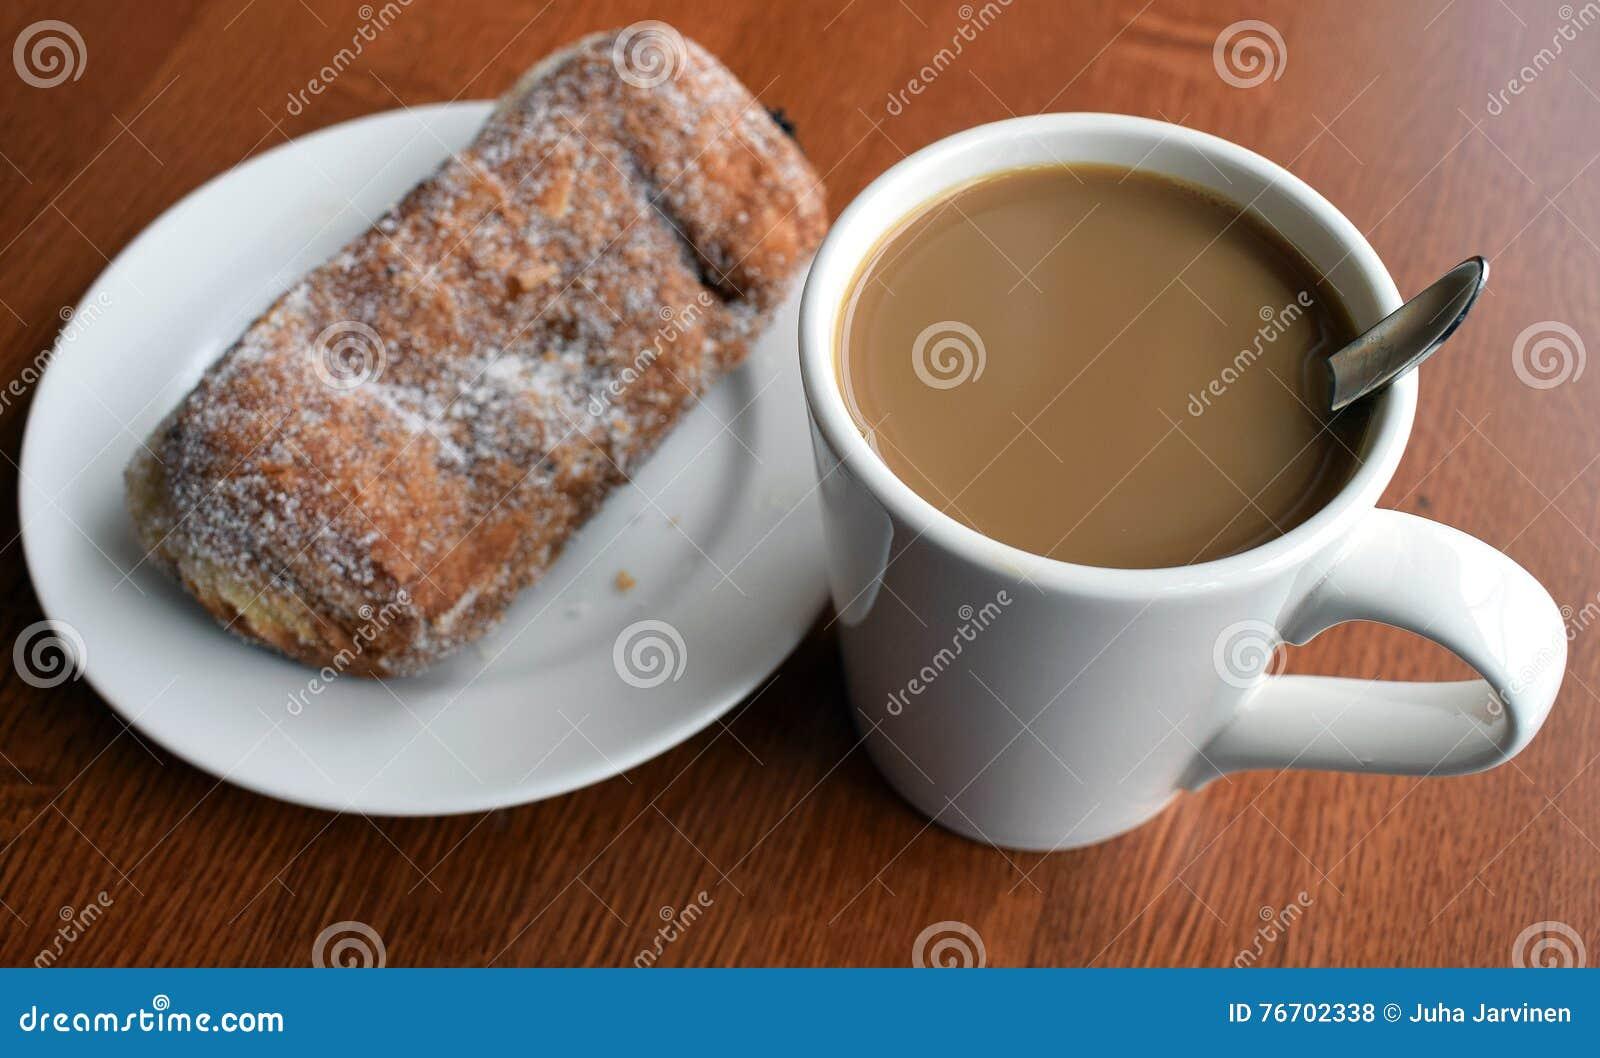 Süßes Hörnchen und ein Tasse Kaffee im Hintergrund